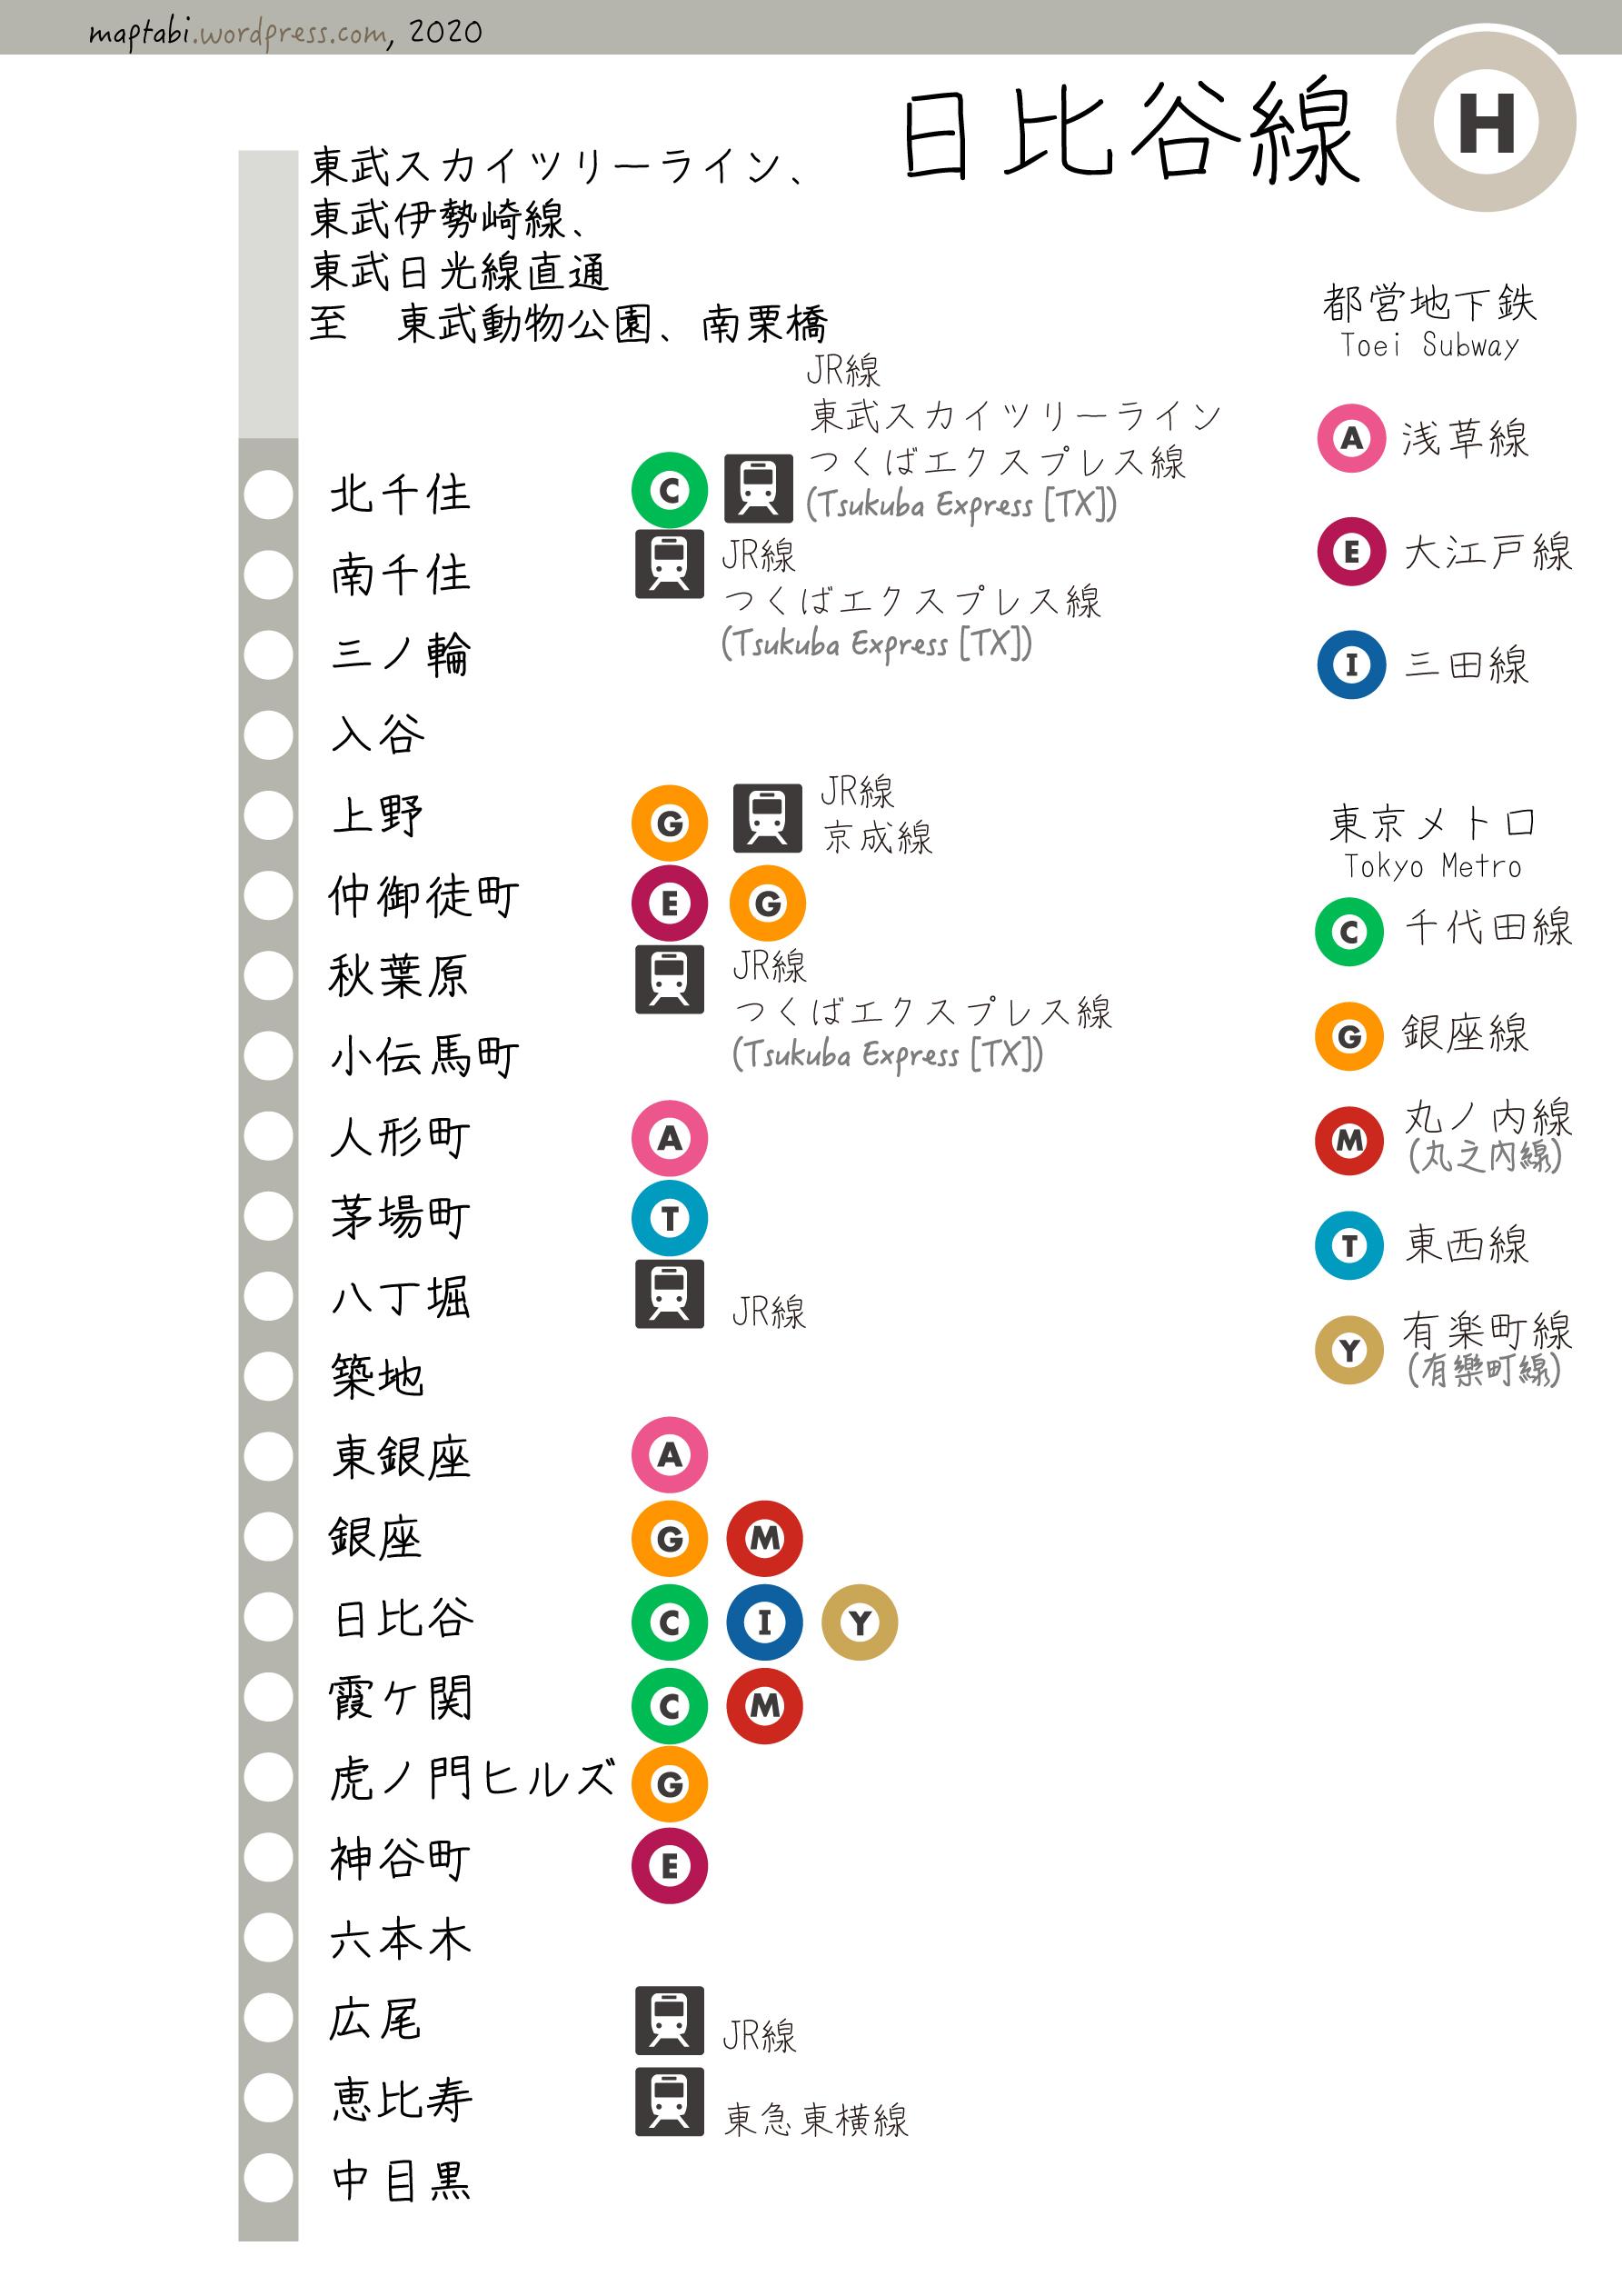 metro_hibiya_line_detail2020